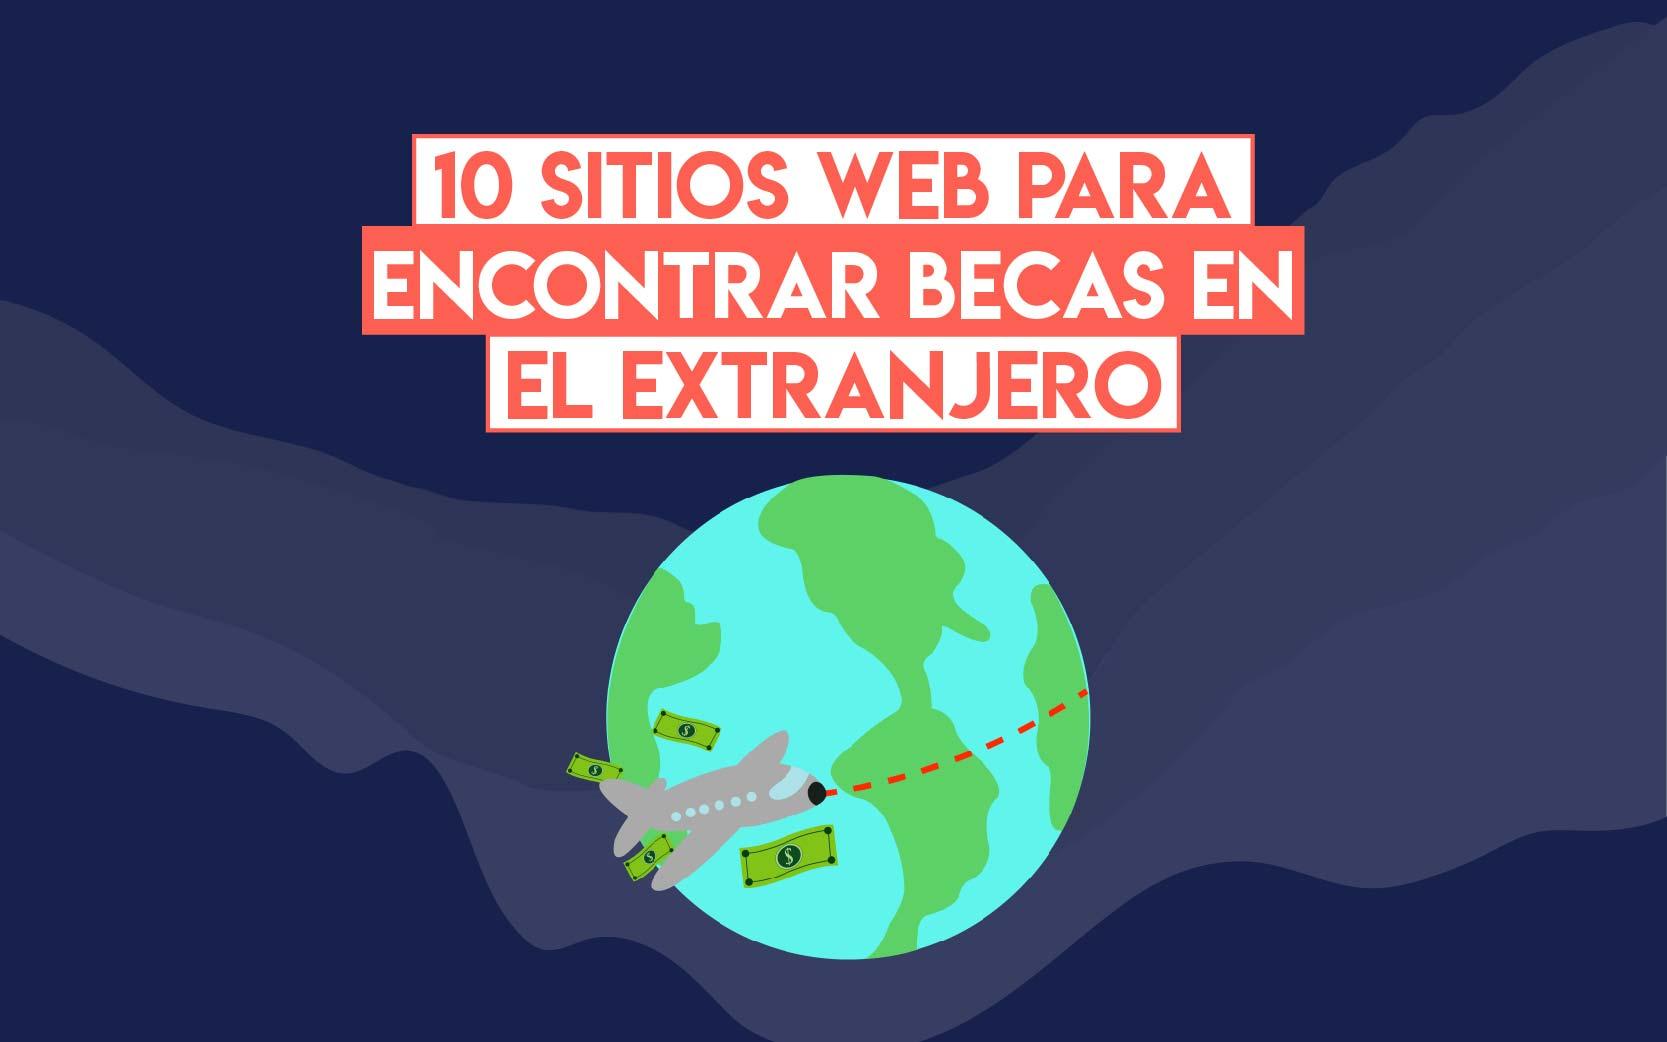 10 Sitios Web De Becas En El Extranjero Profesionistas